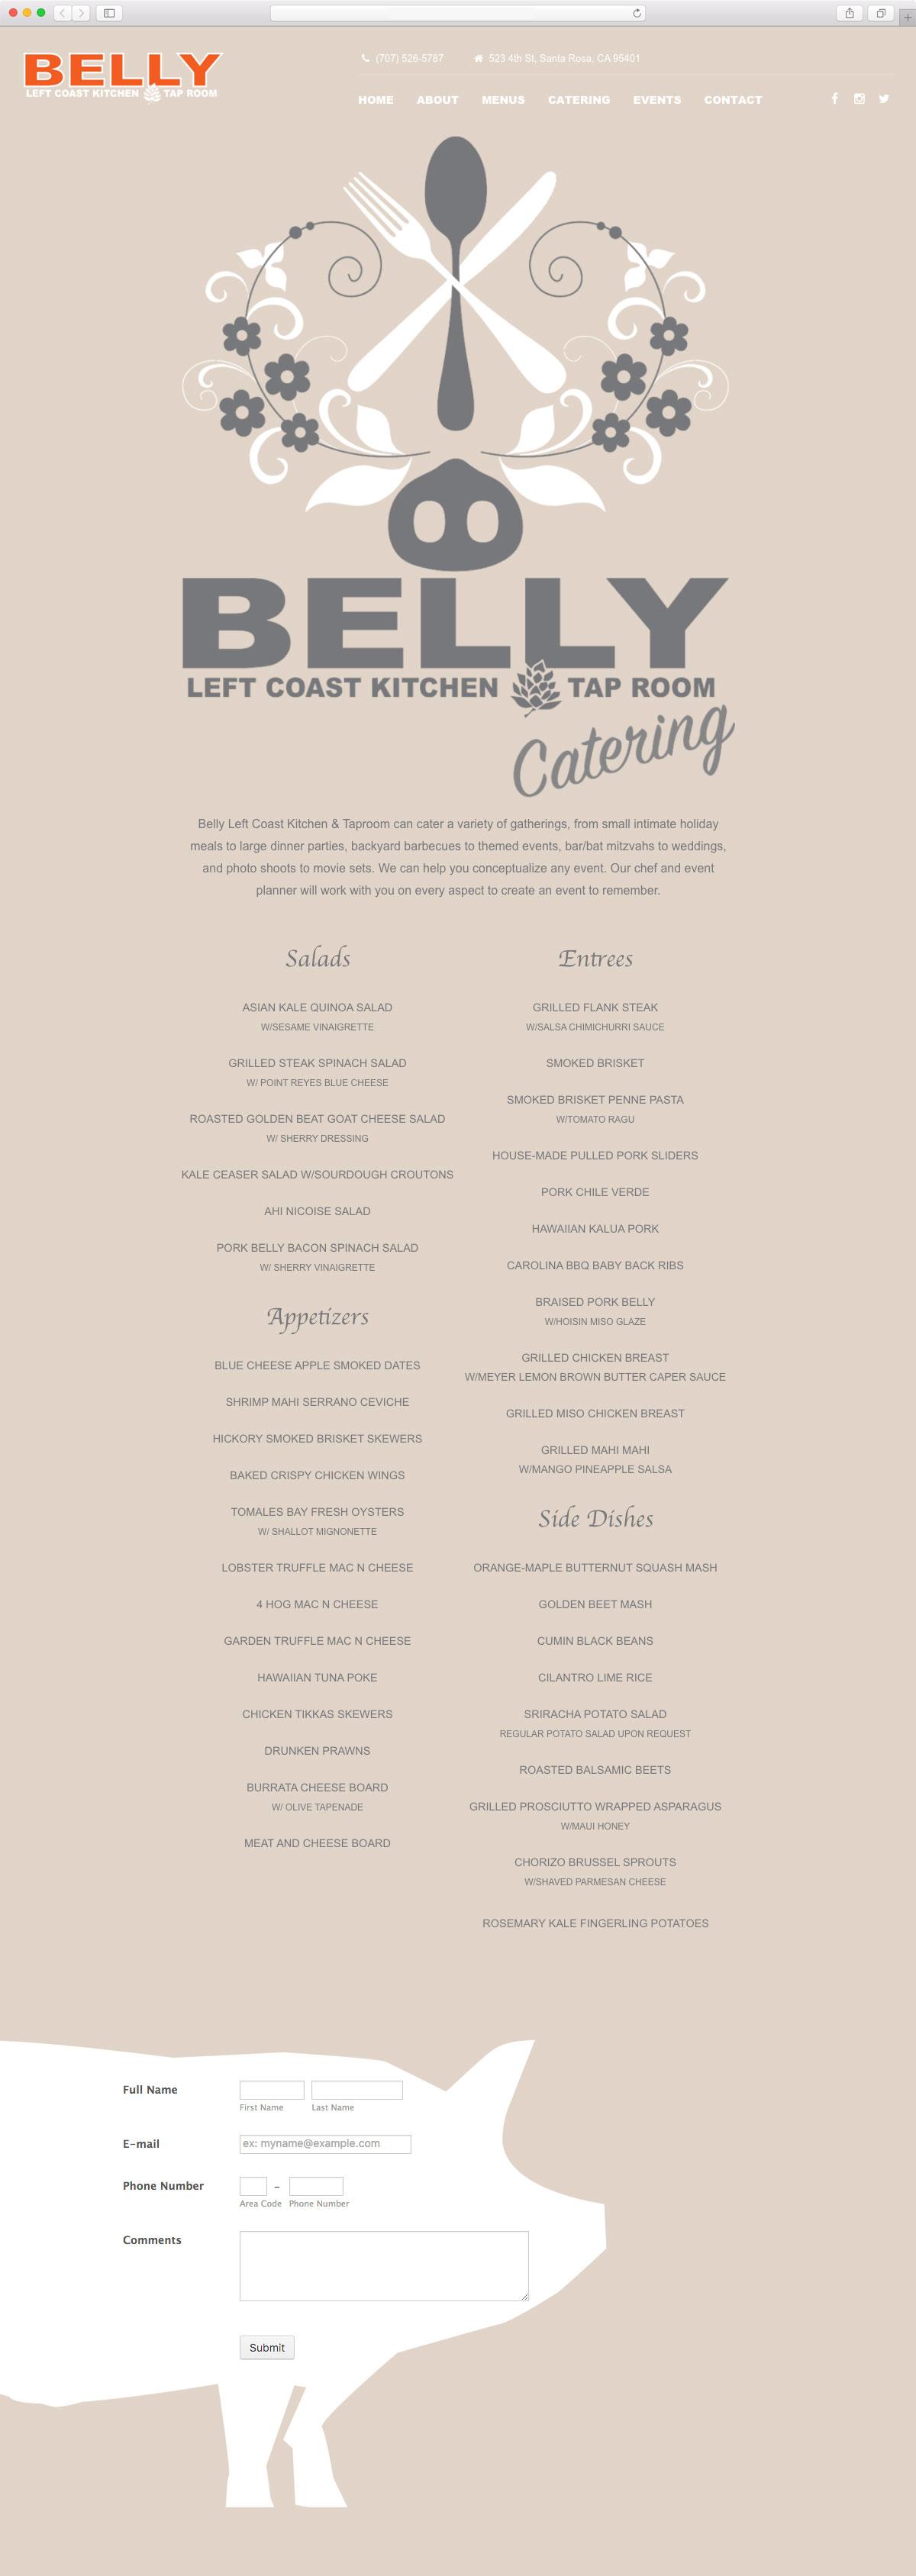 adept_website_mockup_bellyleftcoastkitchen_catering